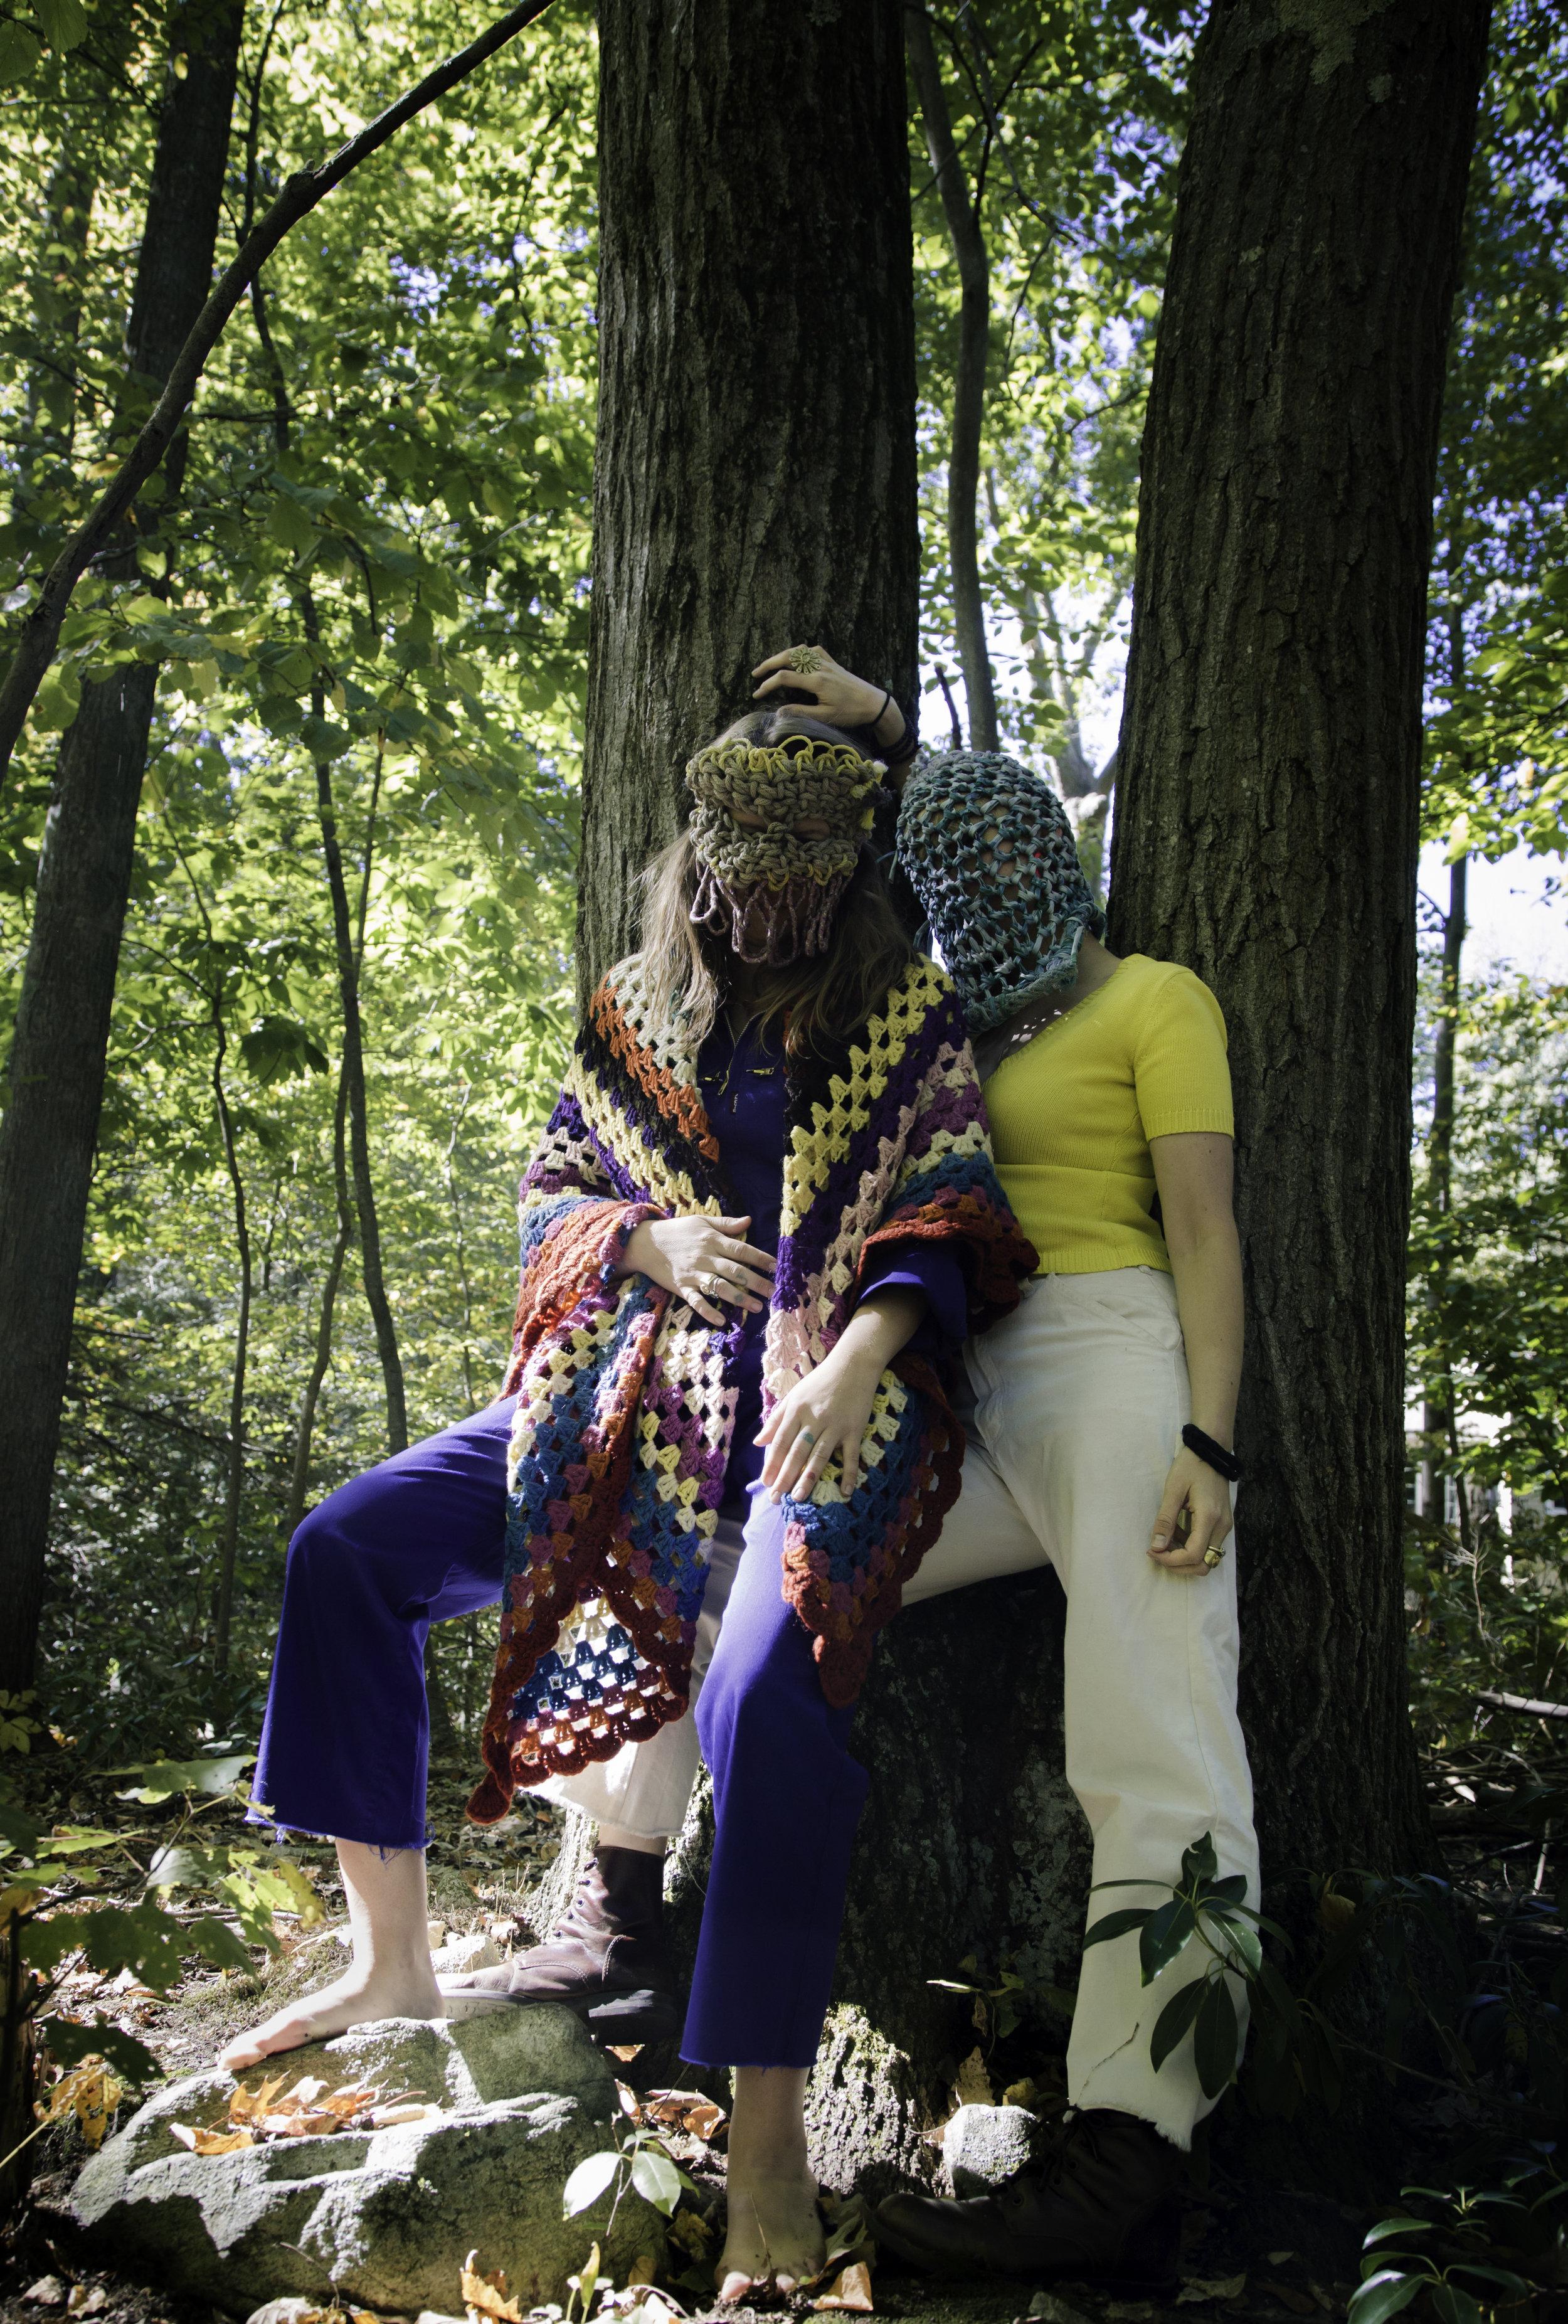 Faðma (Embrace) II, 2017